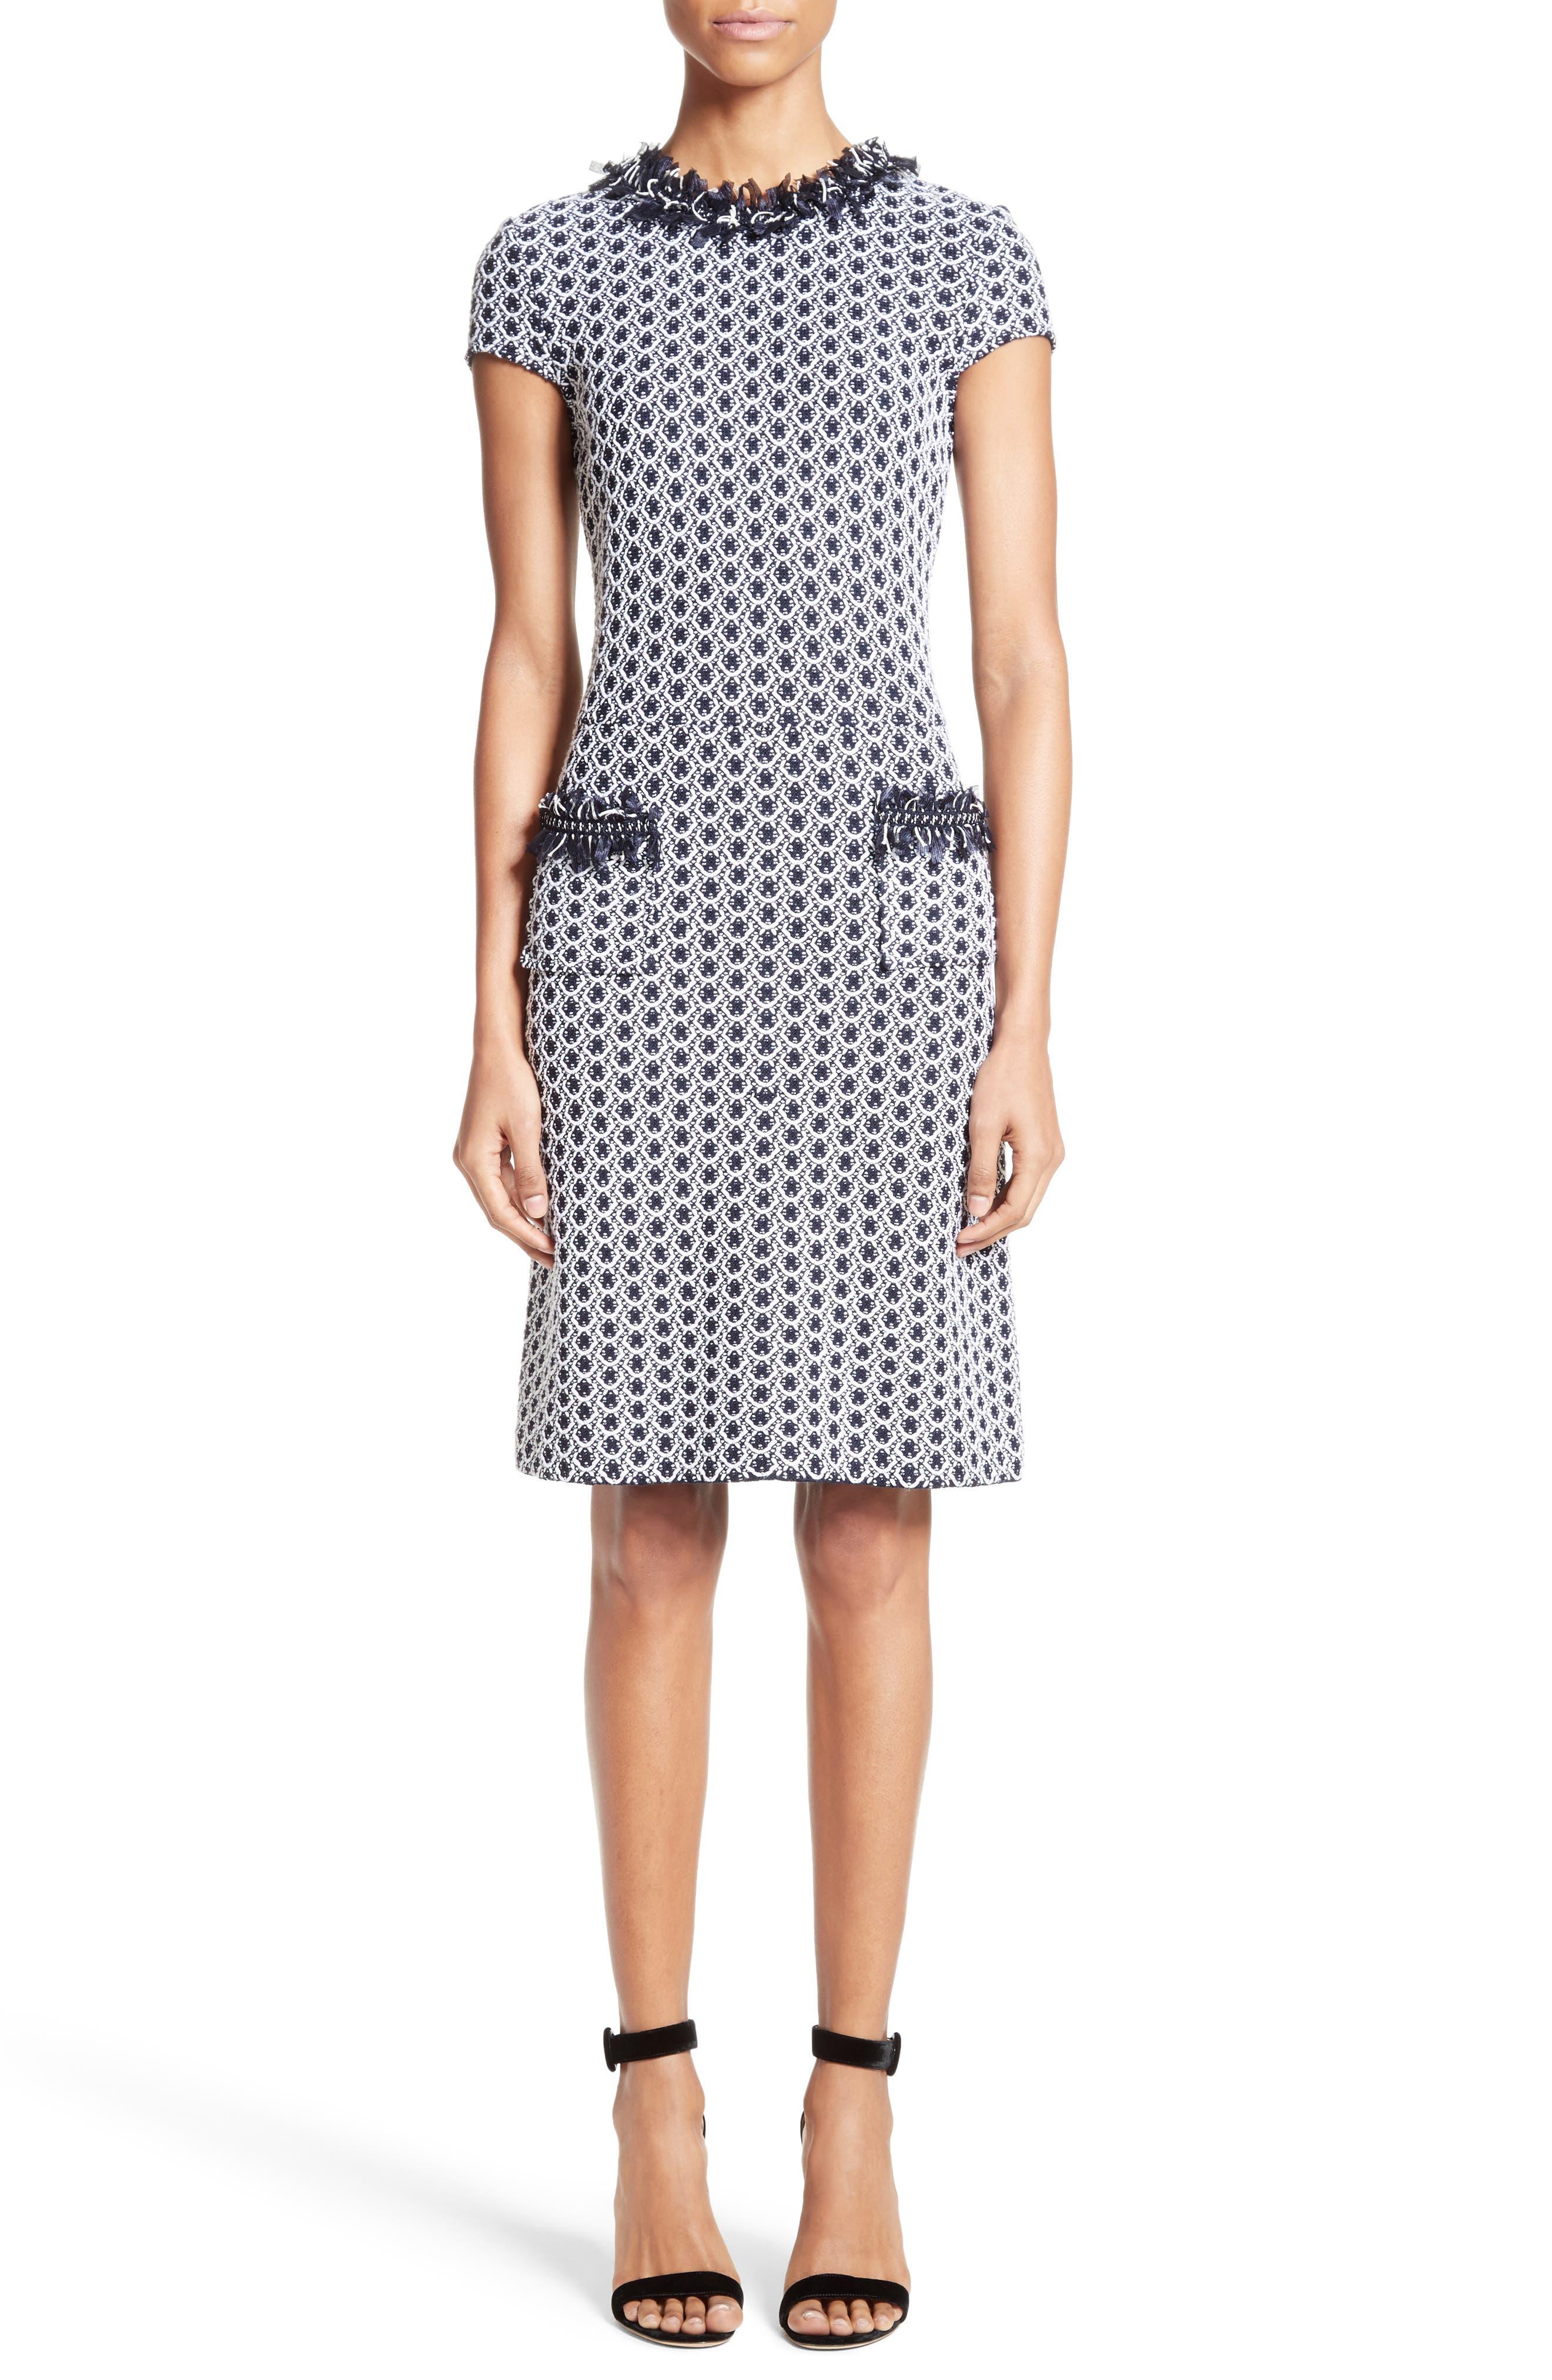 Aadi Tweed Knit Dress,                         Main,                         color, Bianco/ Navy